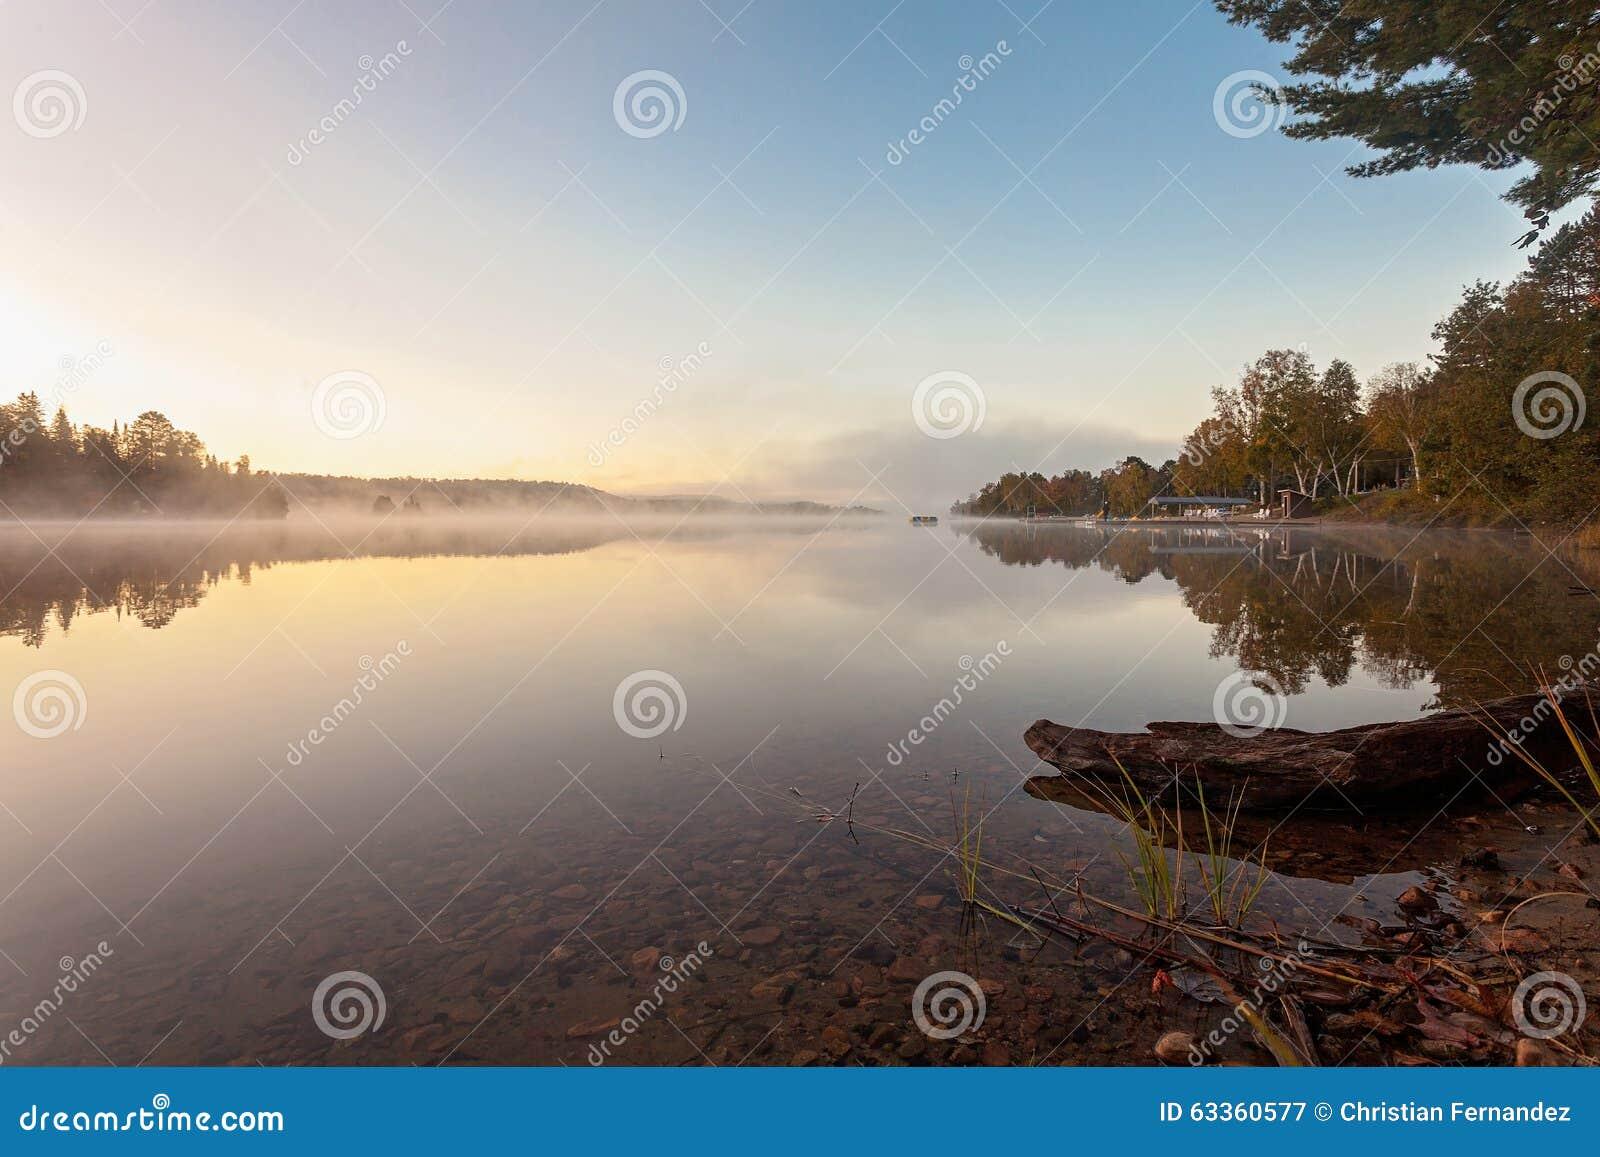 Nebeliger Morgen im See des Algonquin-provinziellen Parks, Ontario, Kanada